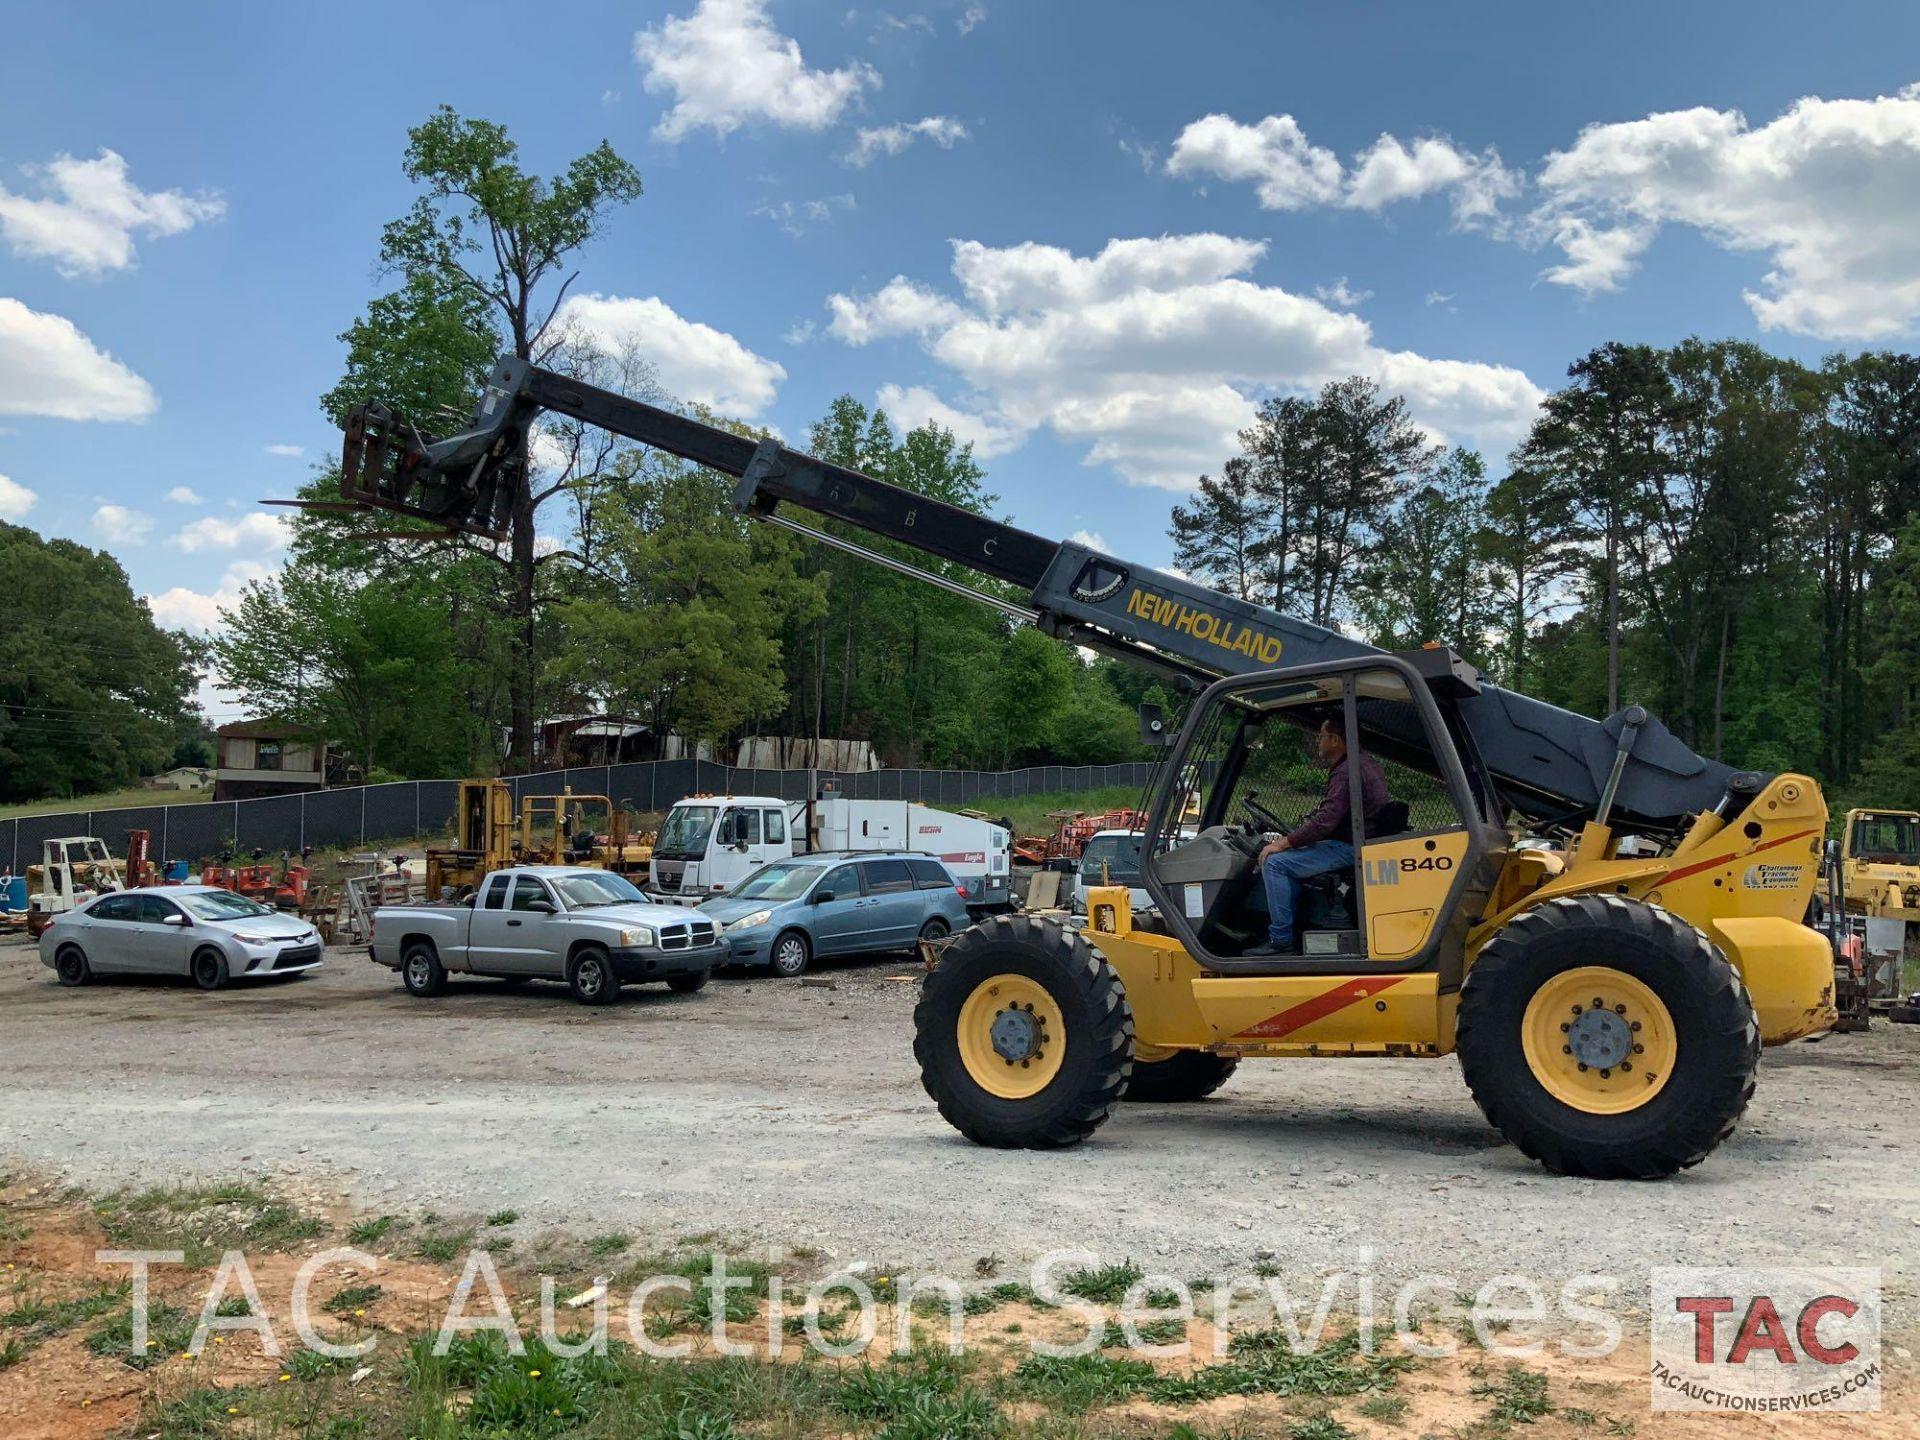 1999 New Holland LM840 Telehandler Forklift - Image 21 of 25